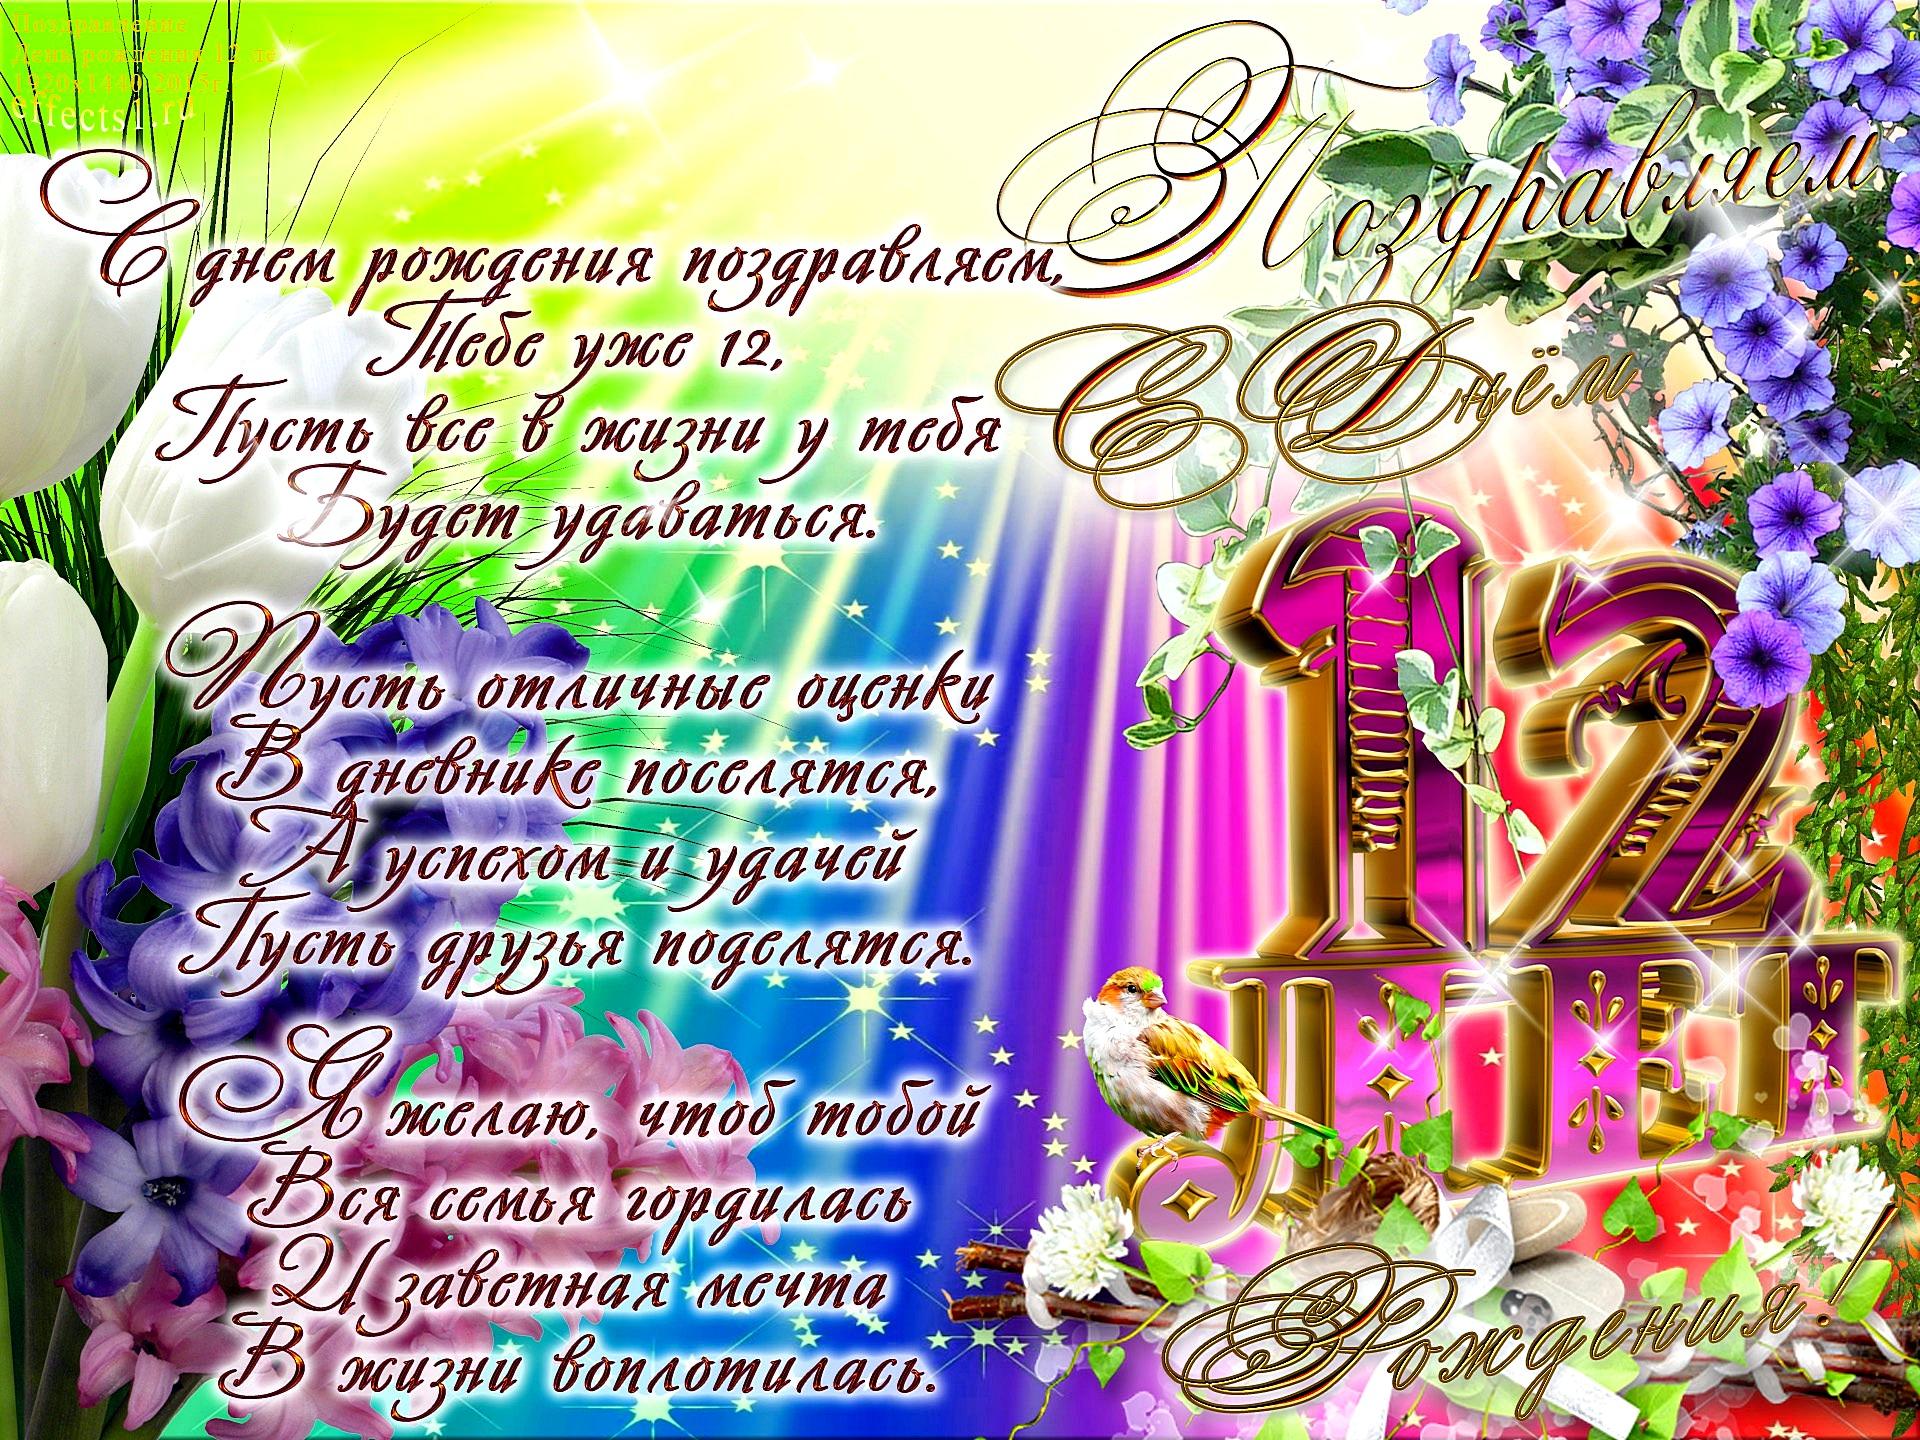 Весны, открытки с днем рождения мальчику 12 лет в стихах красивые